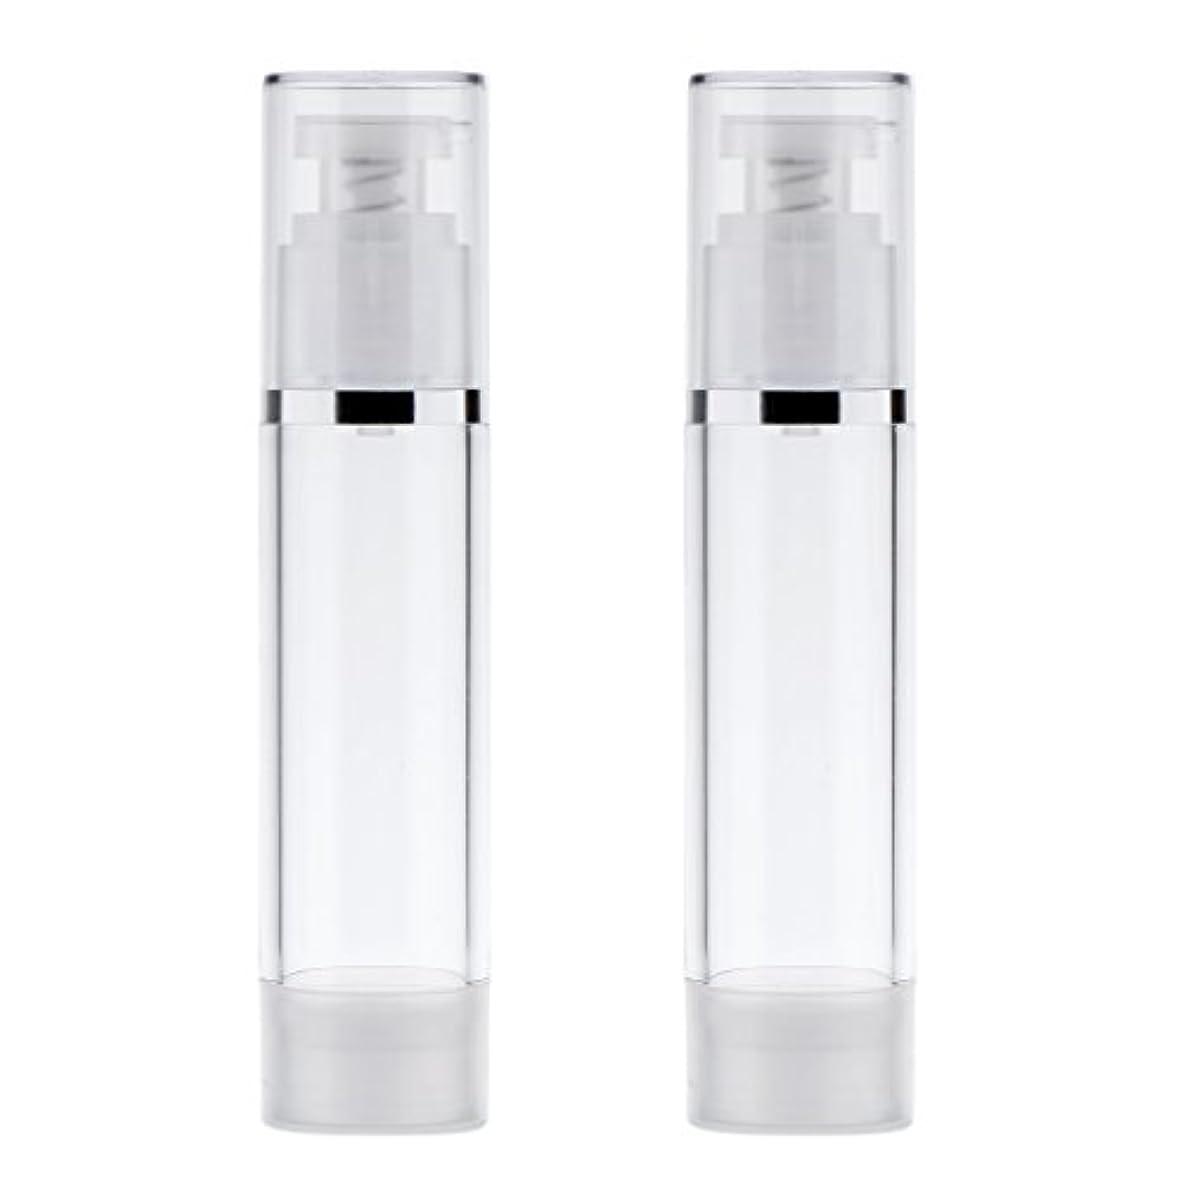 滑りやすい不適切な名声Blesiya 2個 ポンプボトル ディスペンサー 詰め替え可 化粧品 クリーム ローション ポンプチューブ エアレスボトル 収納用 容器 3サイズ選べる - 50ml